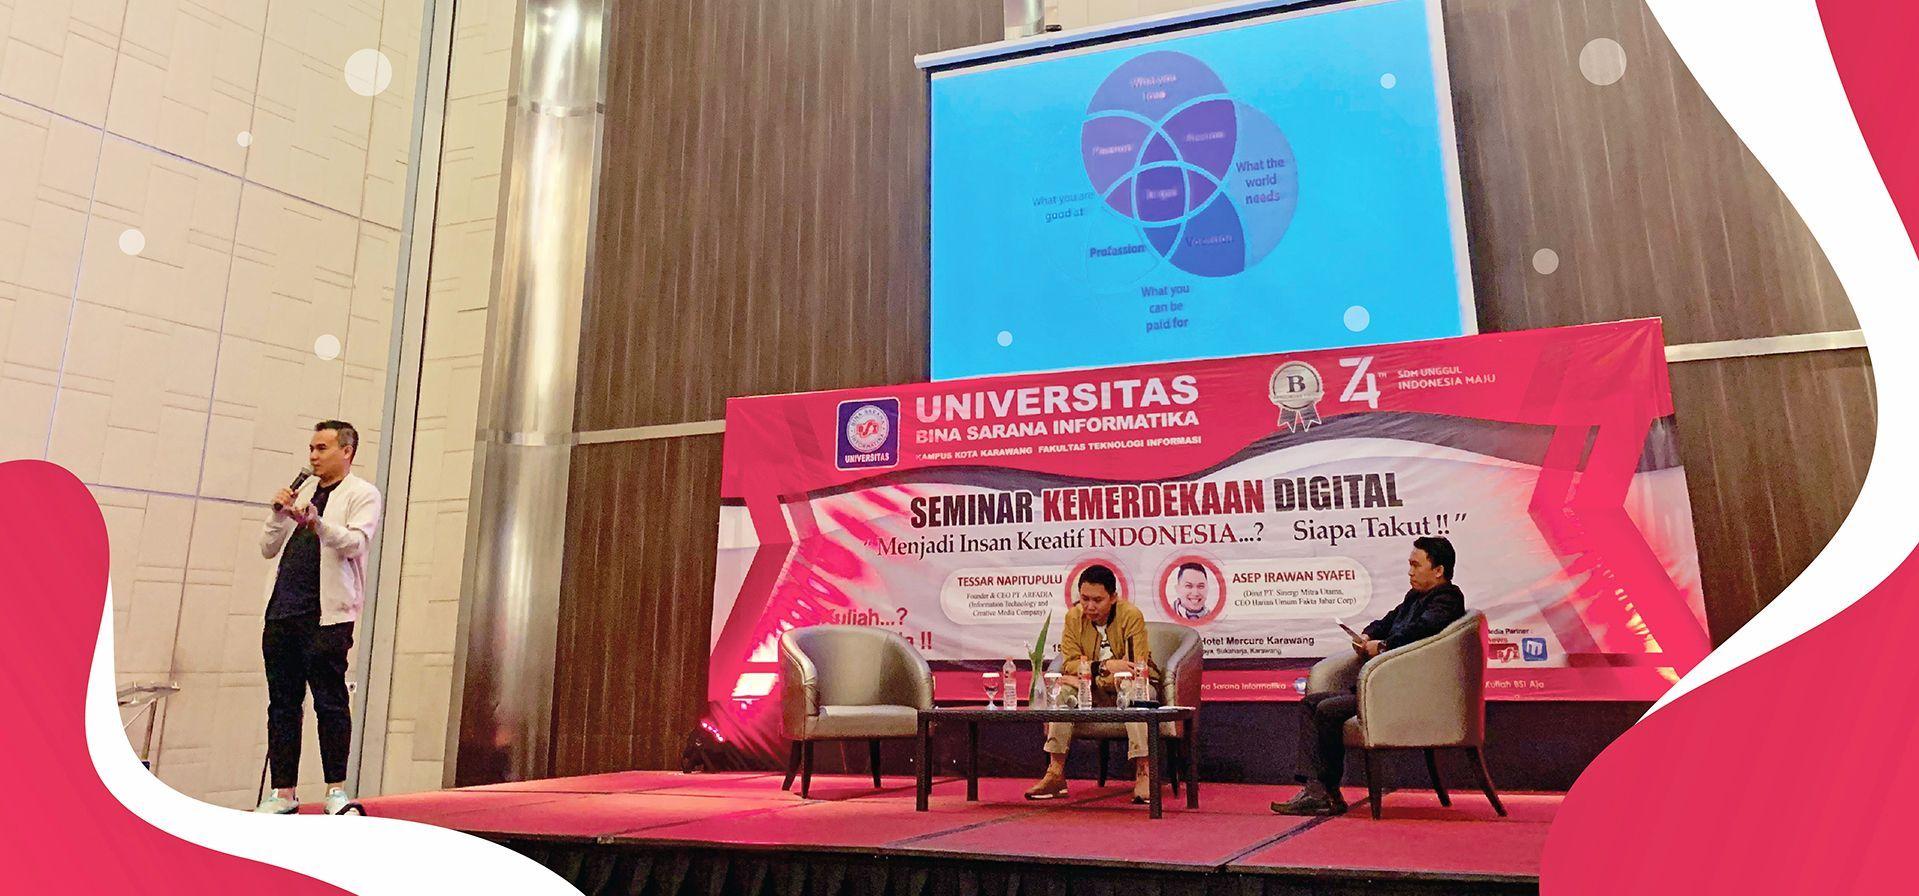 Seminar Kemerdekaan Digital, Tessar : Generasi Muda Sedini Mungkin Bisa Membedakan Hal Produktif atau Konsumtif